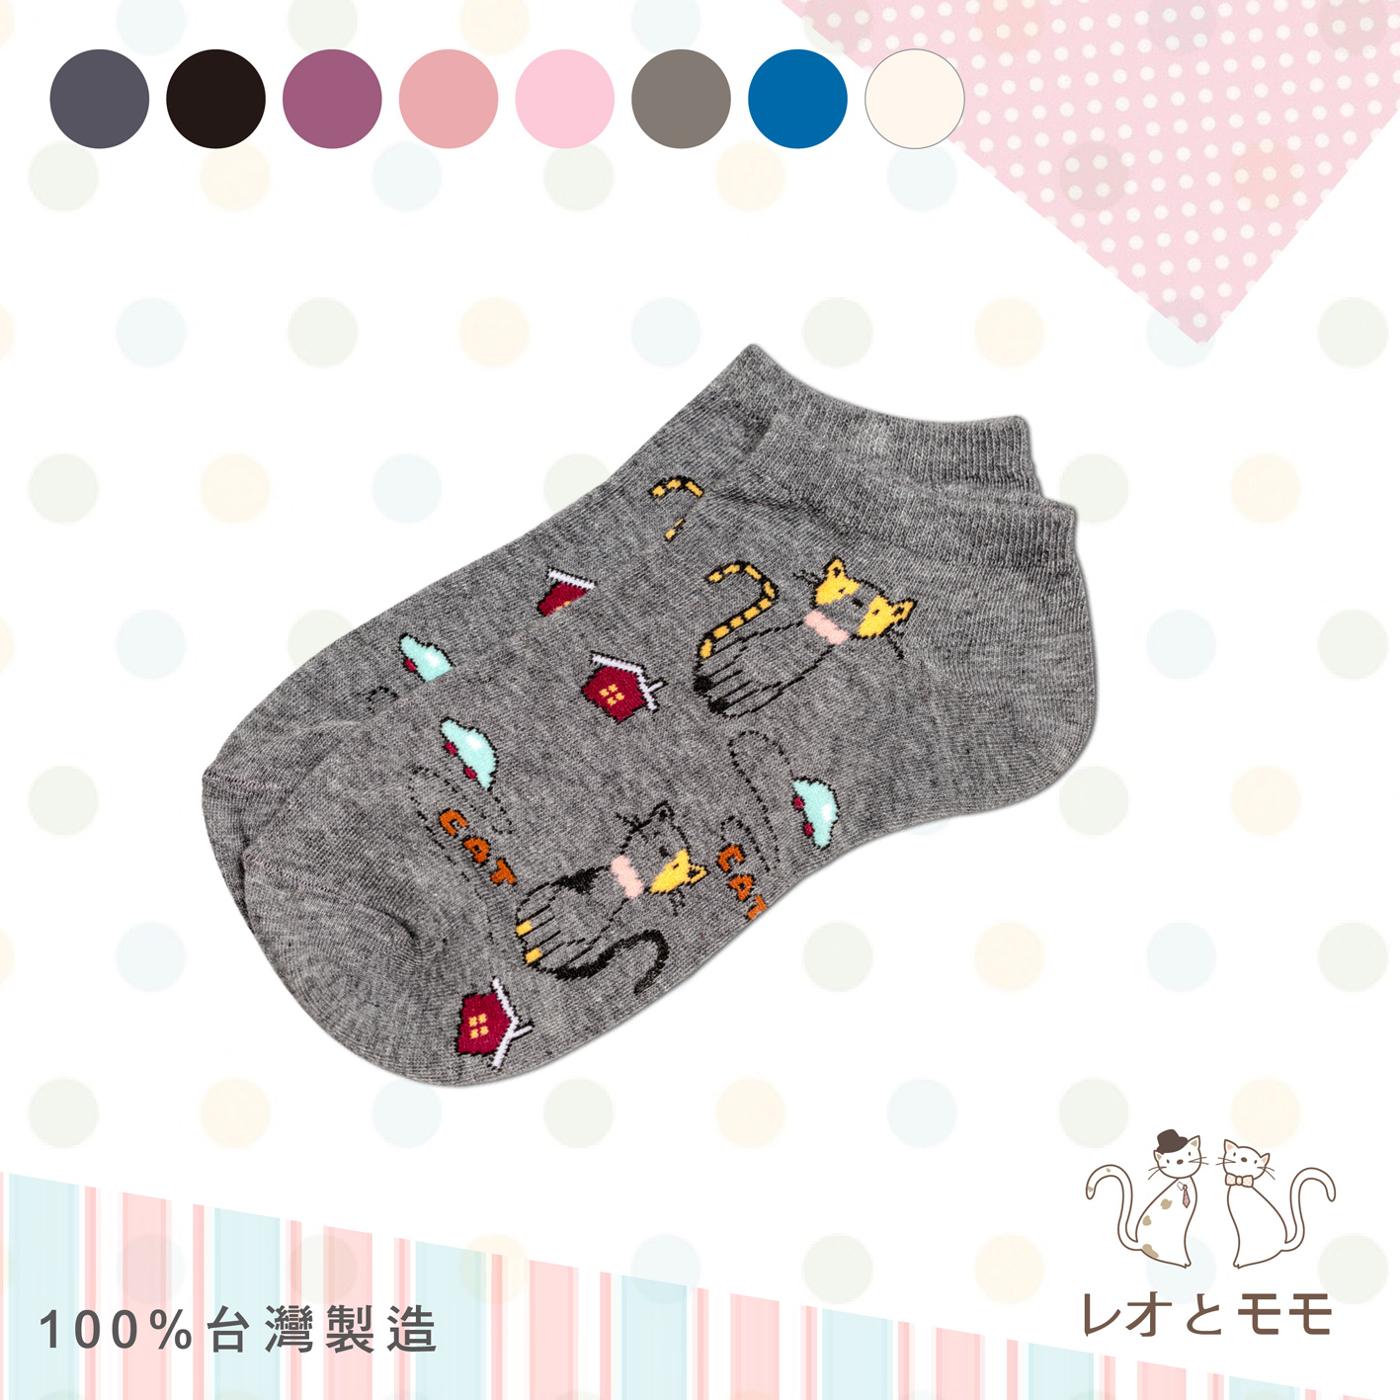 情侶貓 電腦提花船襪/襪子 - LM977(共8色)【YS SHOP】